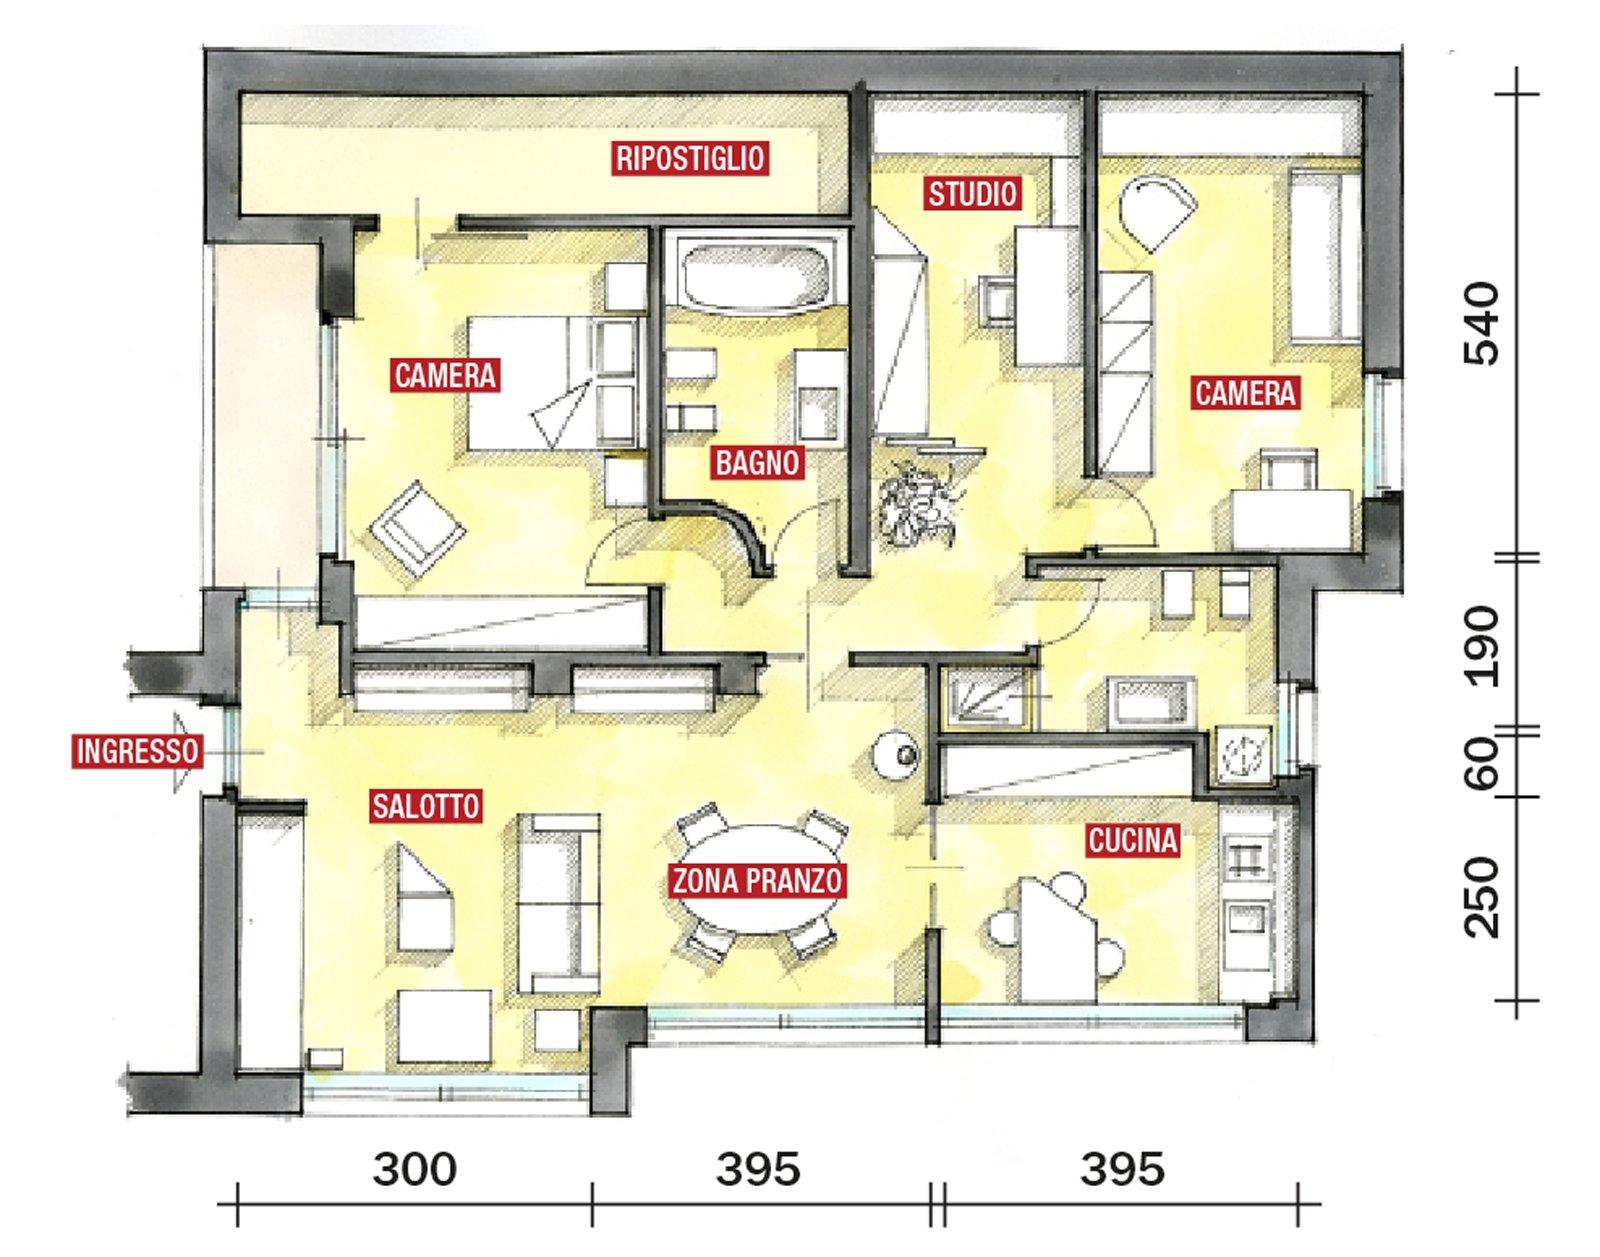 Casa in mansarda con le soluzioni giuste per gli spazi for Planimetrie della casa senza garage